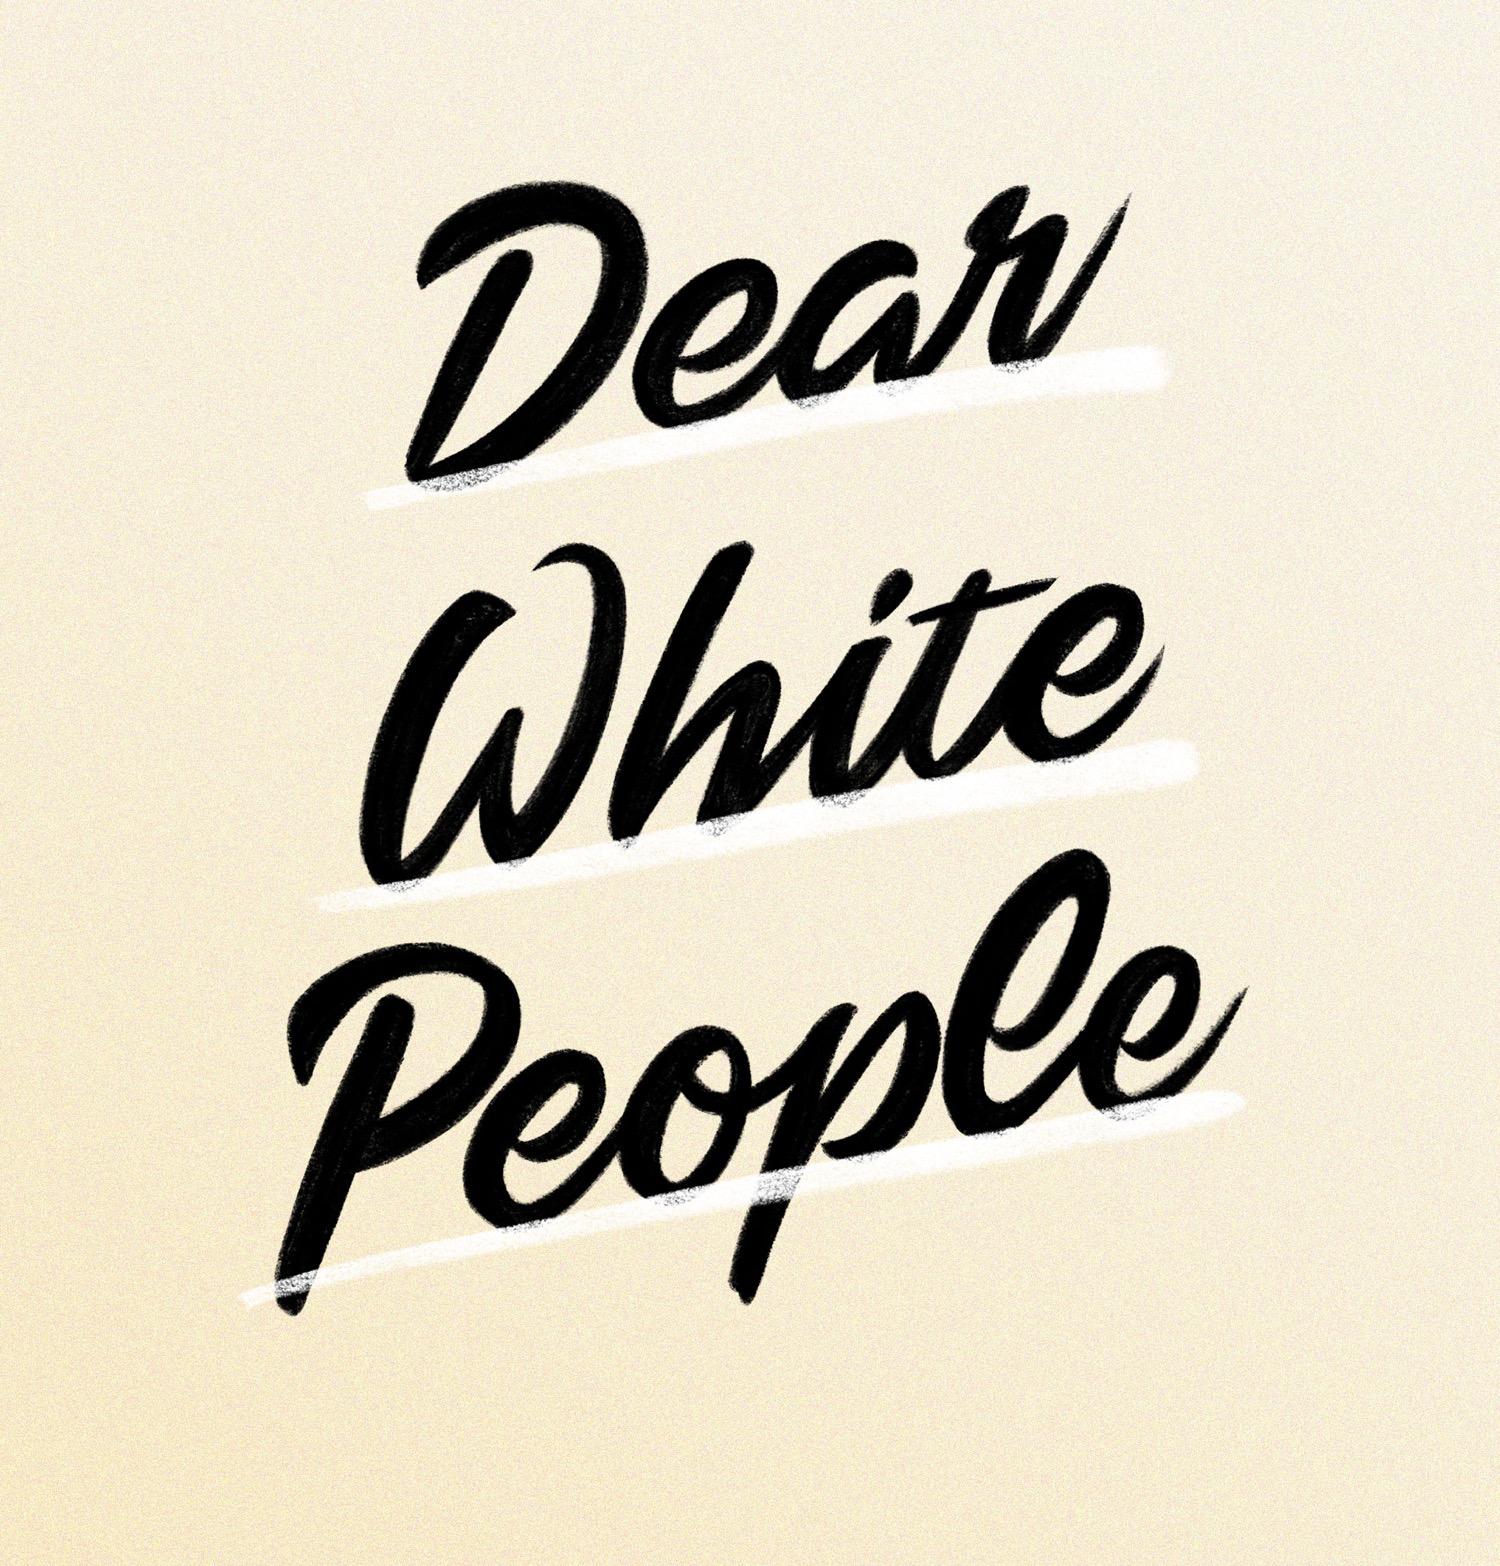 Dear White People lettering